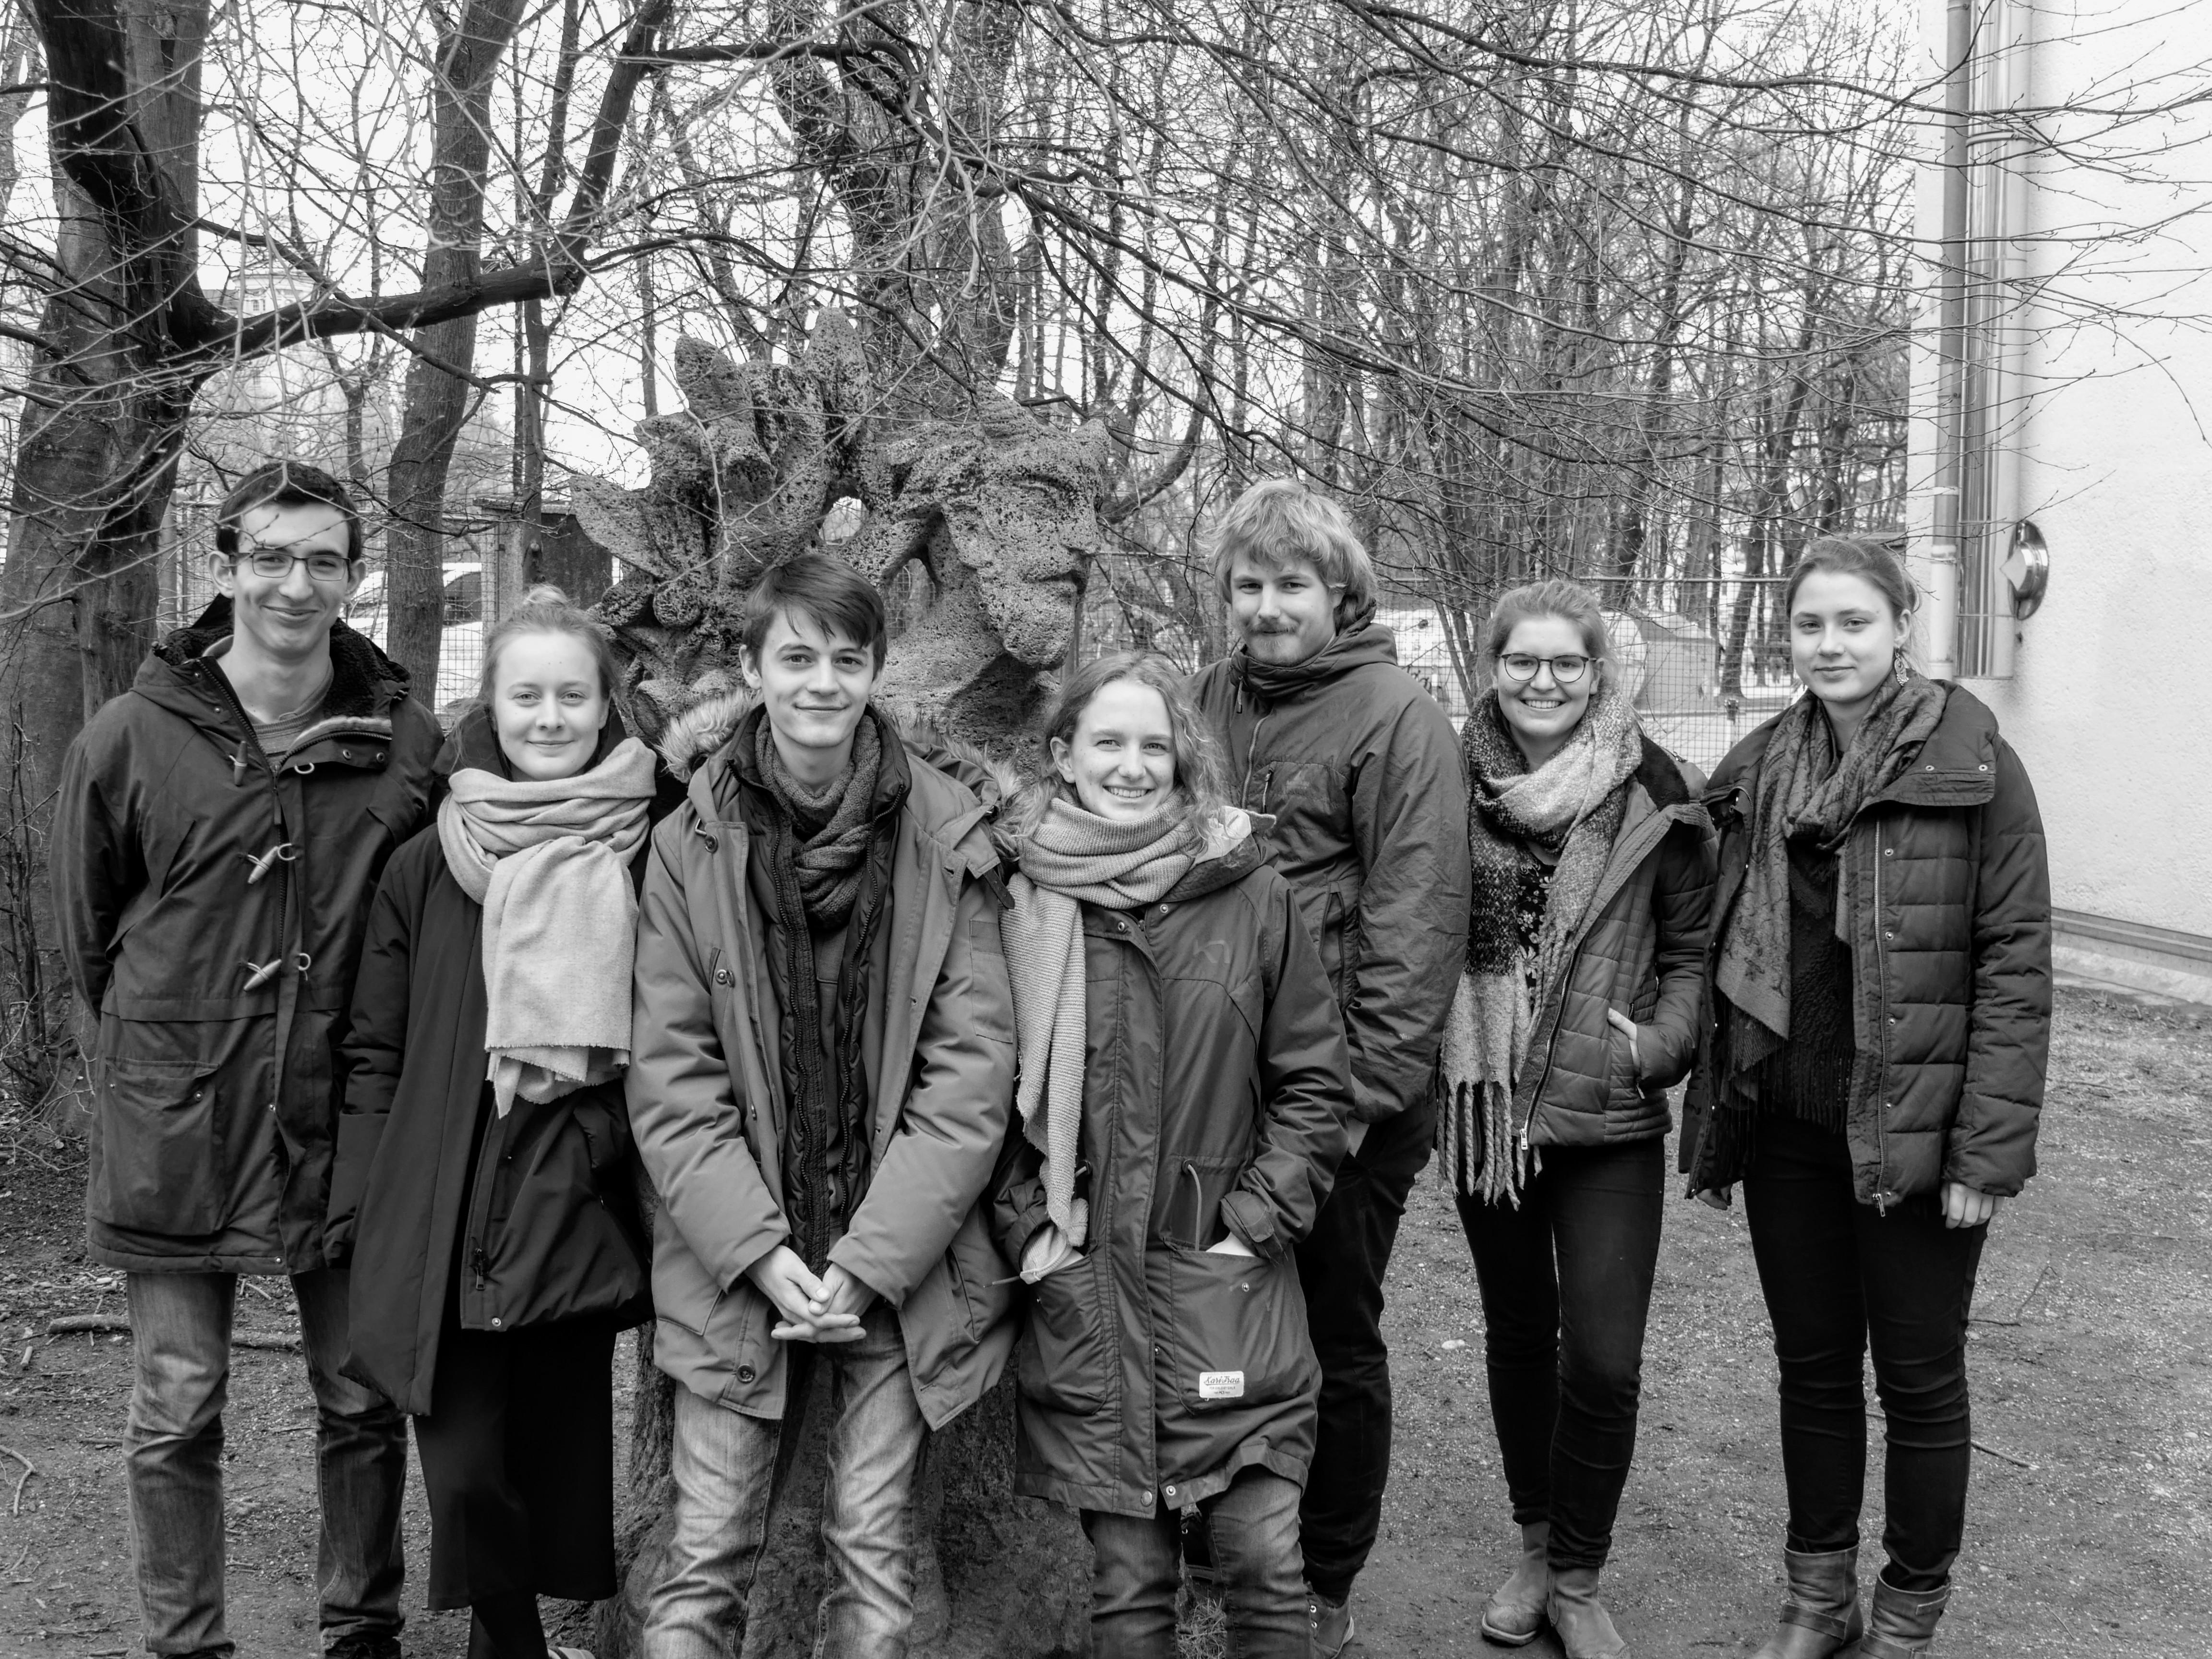 v. l. n. r.: Piernicolo Bilato, Annika von Bechtolsheim, Max Mollenhauer, Emma Hoch, Paul Schubert, Sophie Cramer, Lotte Etschmann